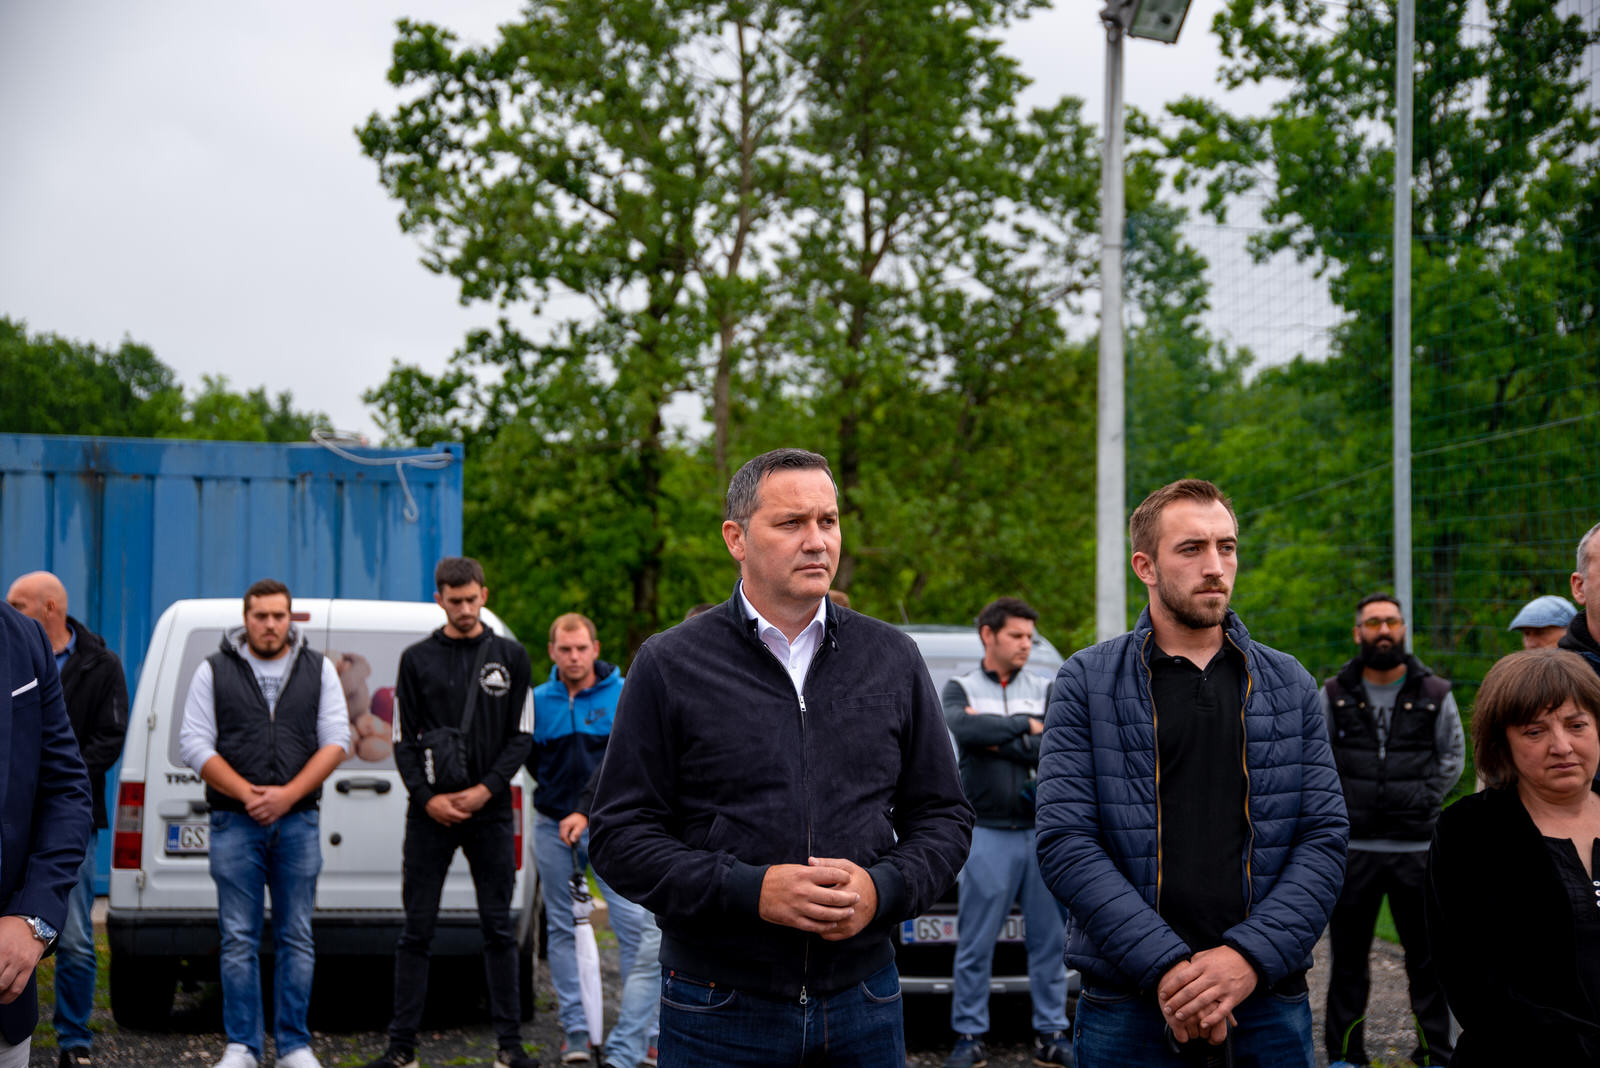 likaclub_žabica_otvaranje nogometnog igrališta_6_2020 (12)